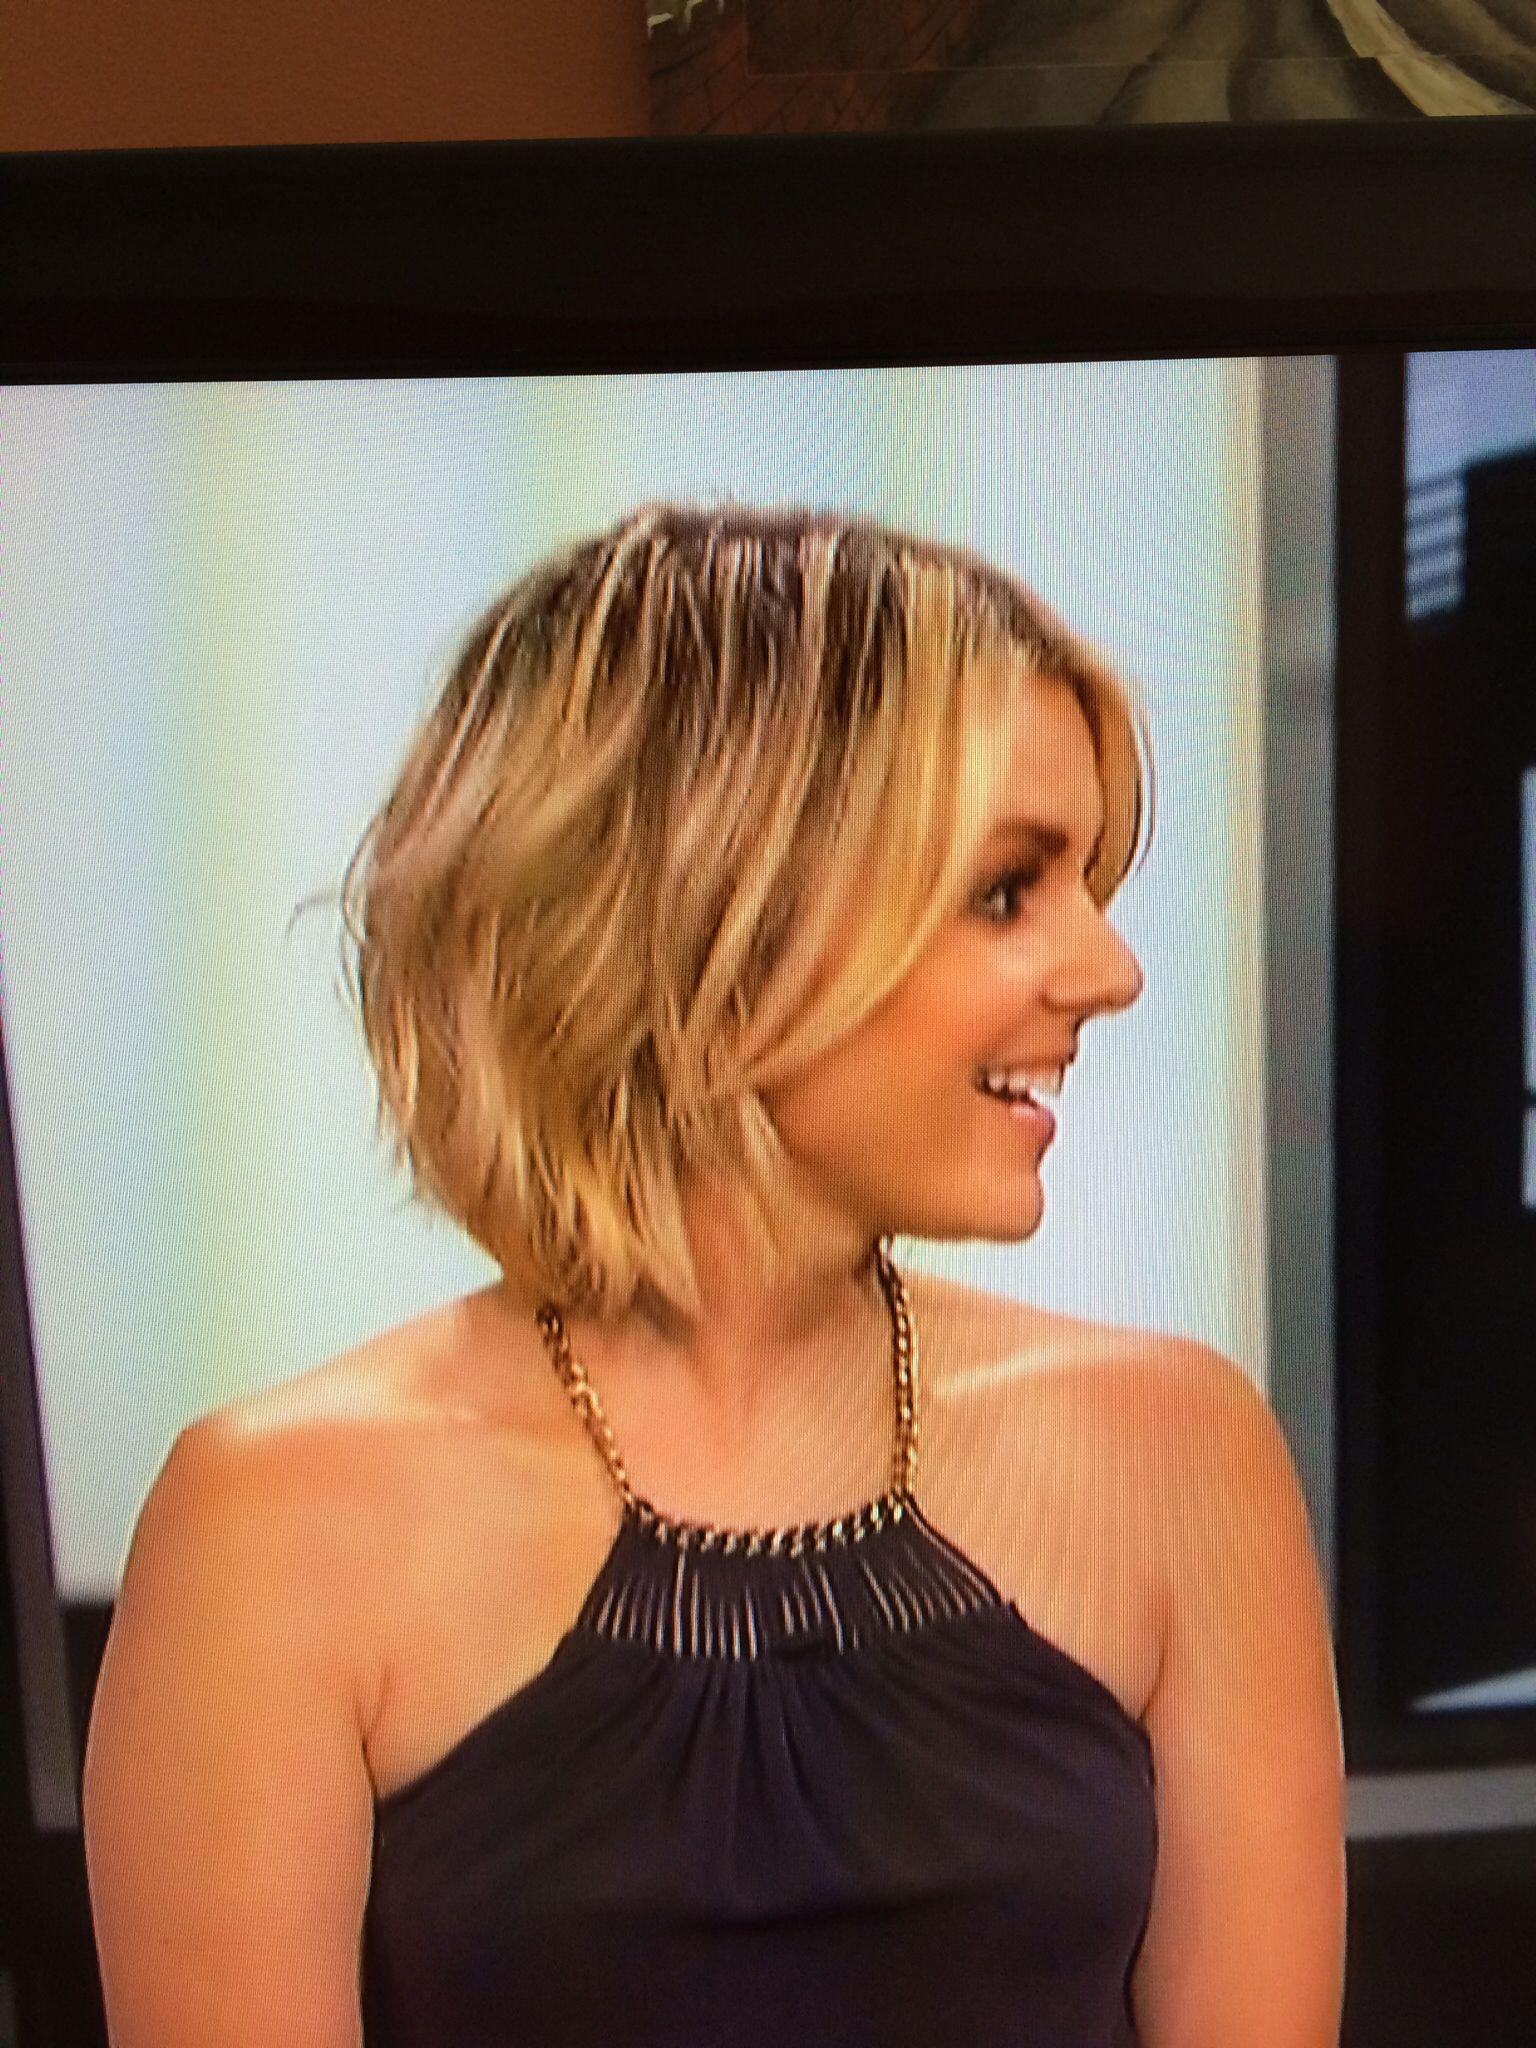 Ali fedowtowskyus hair itus a hair thing pinterest hair style